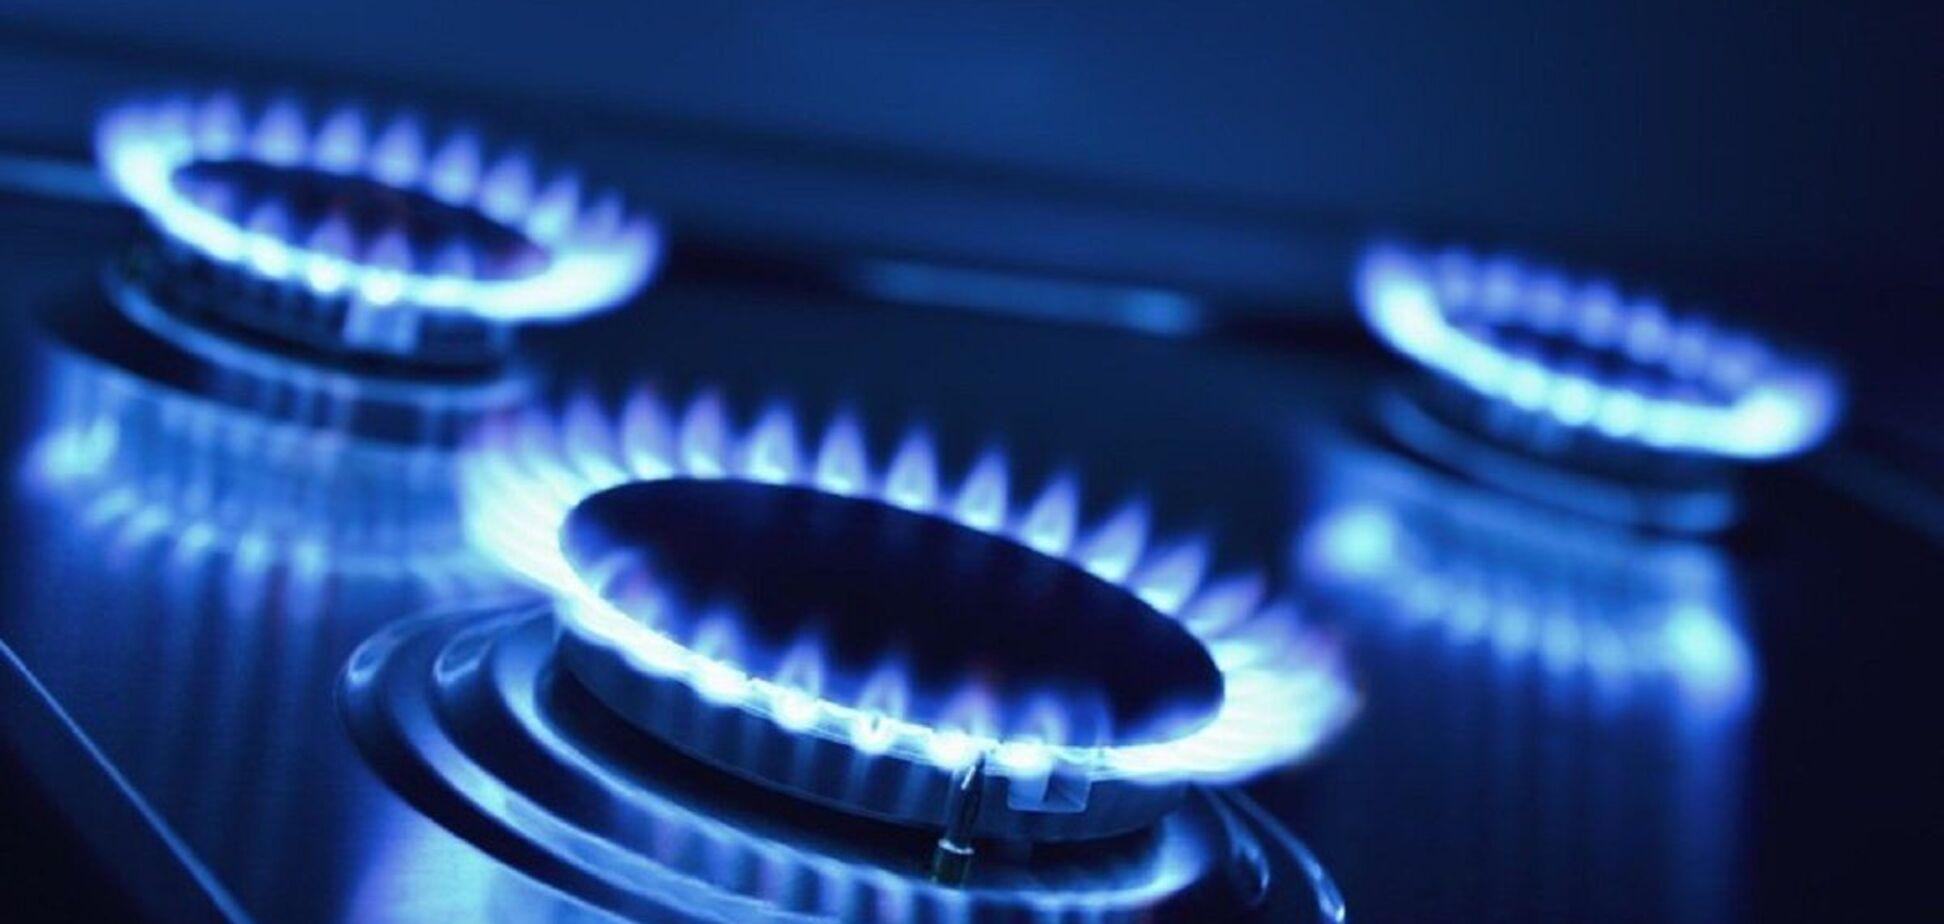 АМКУ має розібратися із підвищенням тарифу на розподіл газу, – Охріменко